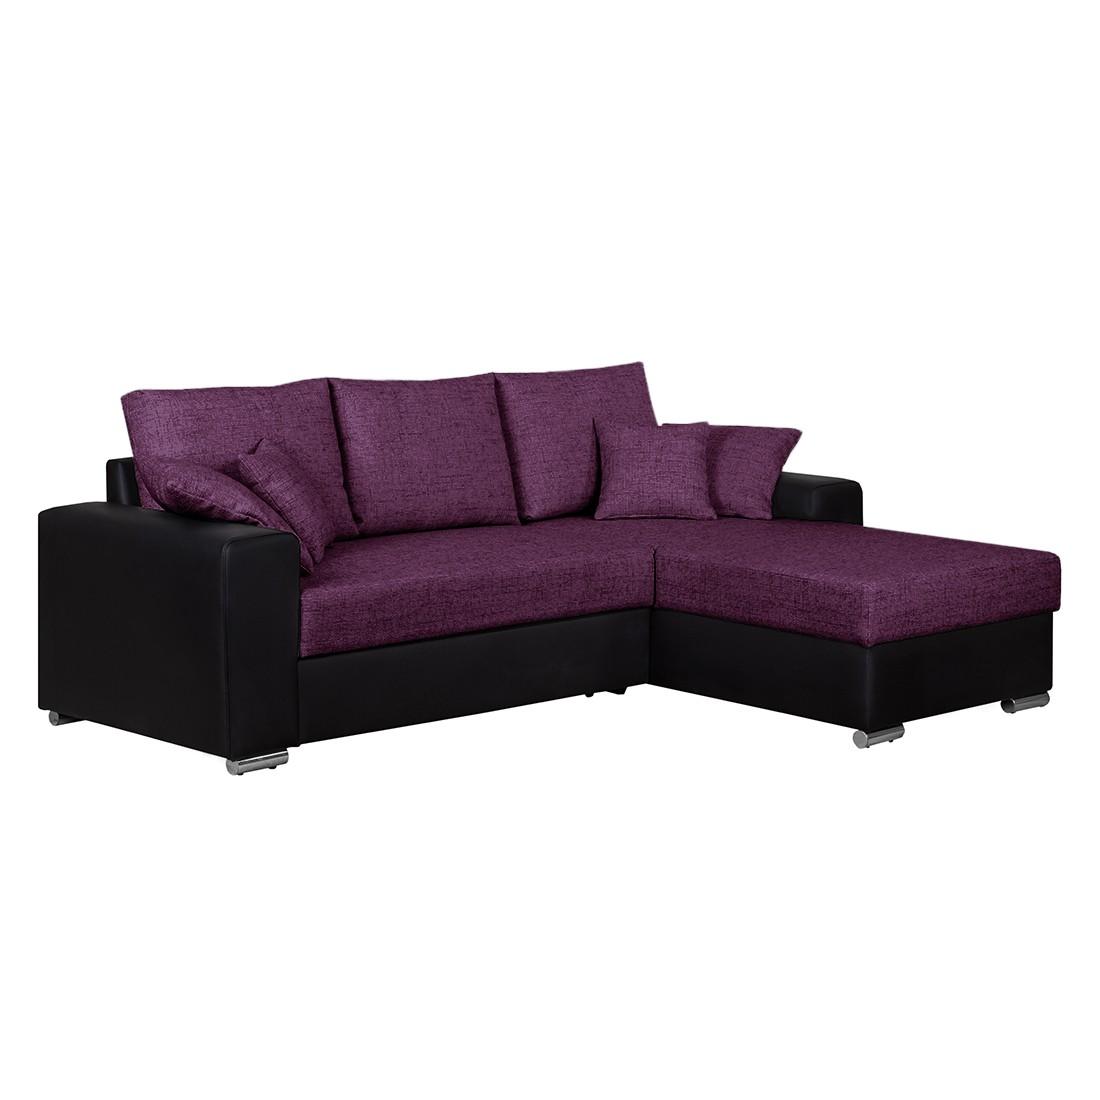 ecksofa dulmen mit schlaffunktion beidseitig montierbar kunstleder. Black Bedroom Furniture Sets. Home Design Ideas